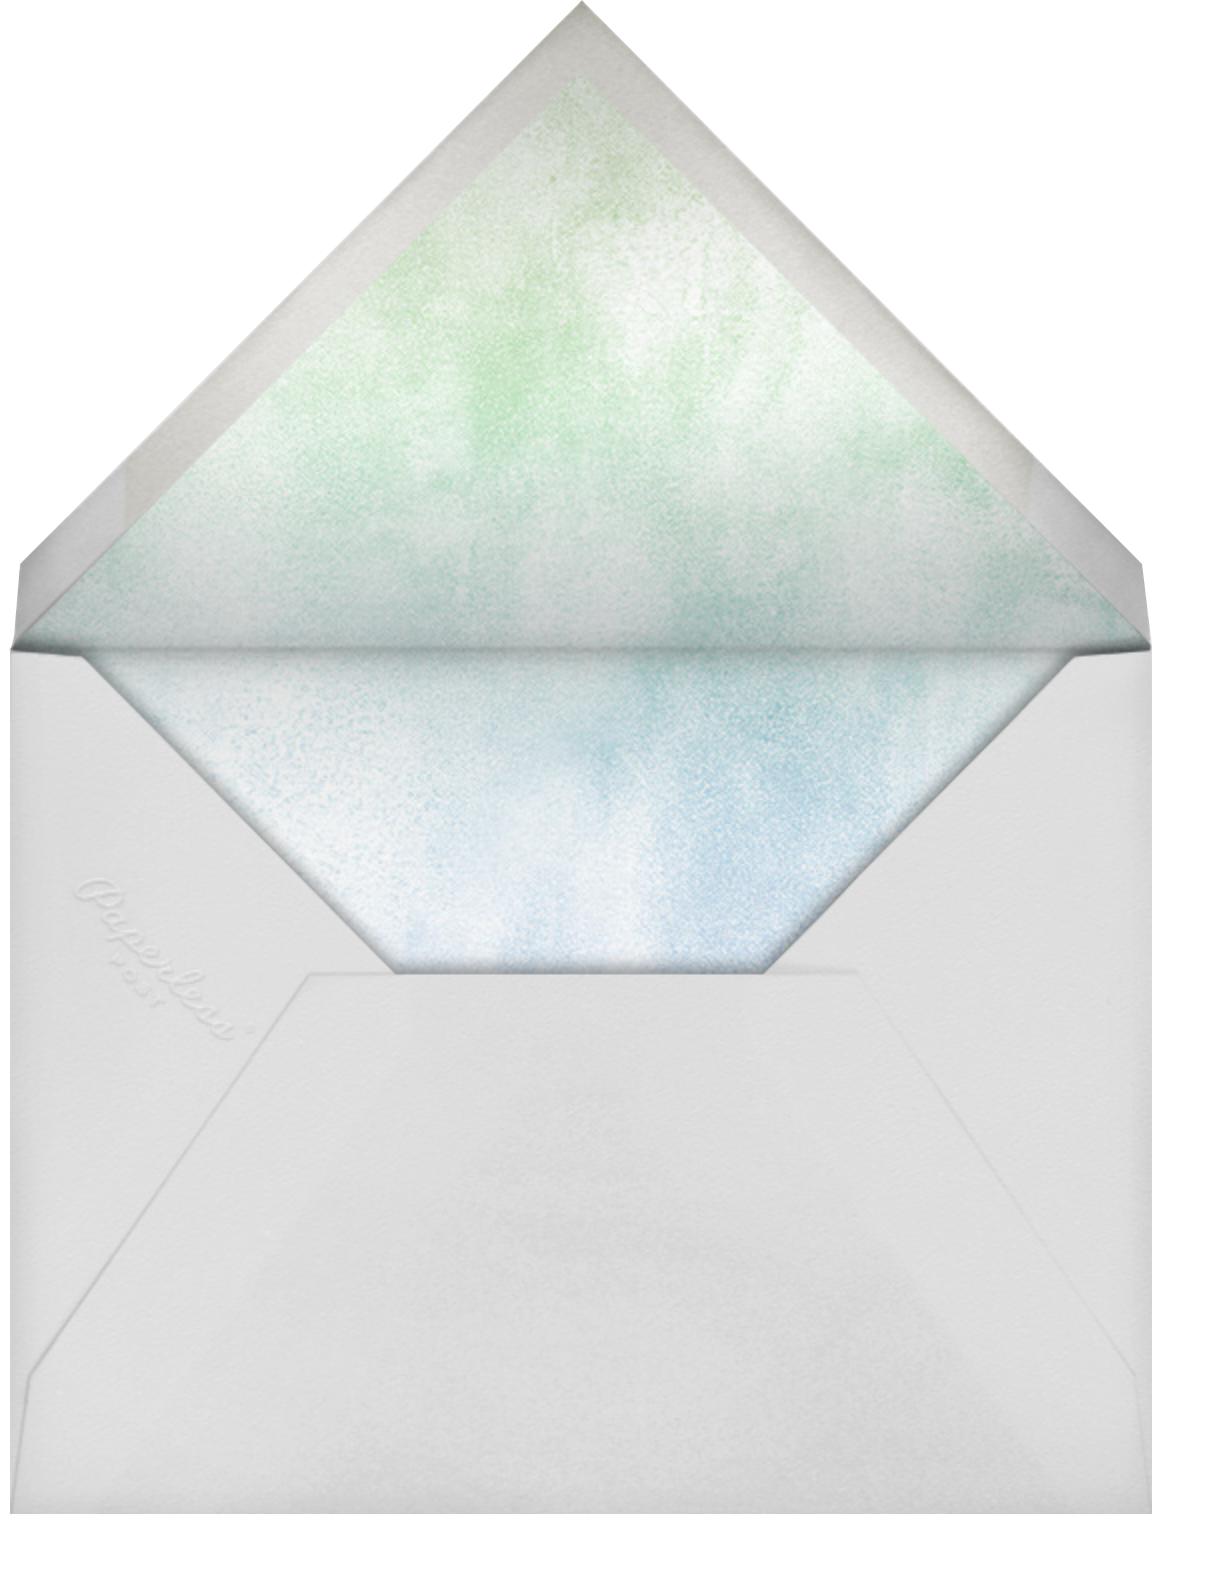 Thank You Blocks - Paperless Post - Envelope